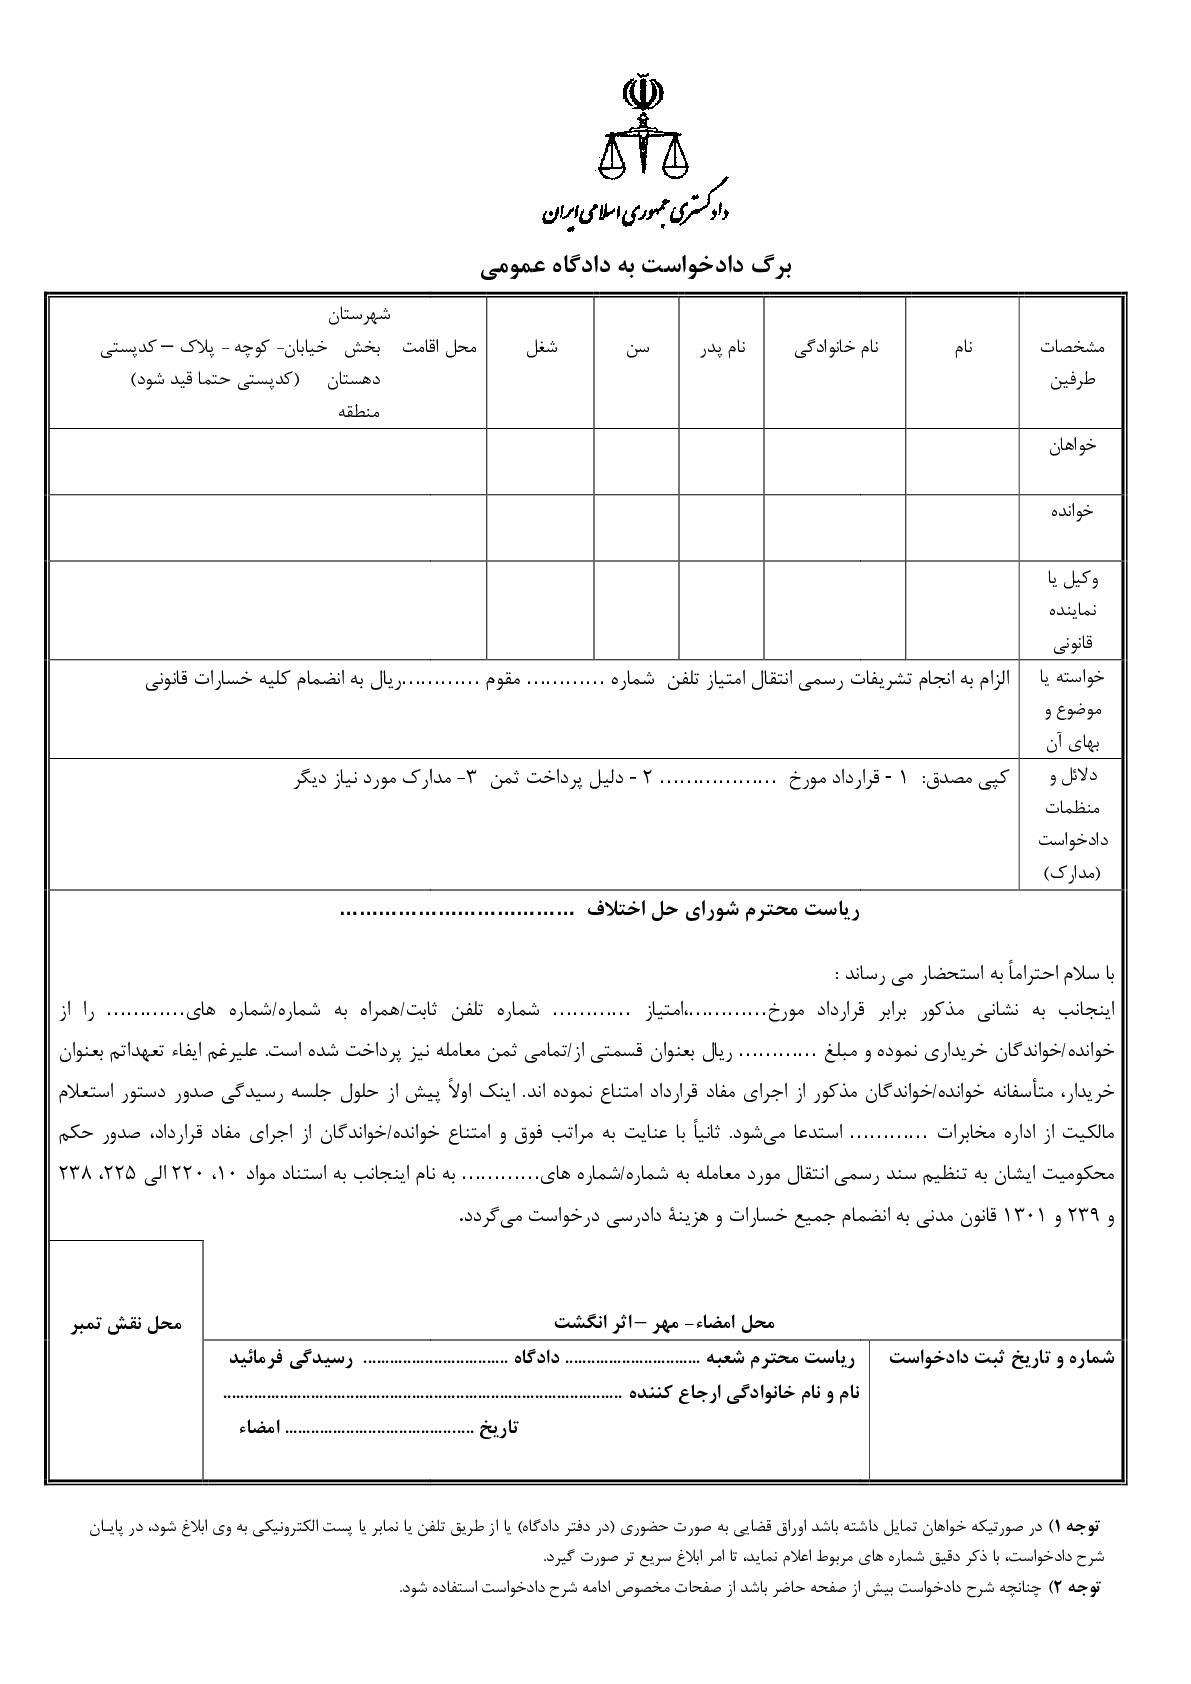 دادخواست الزام به انجام تشریفات رسمی انتقال امتیاز تلفن از شورای حل اختلاف